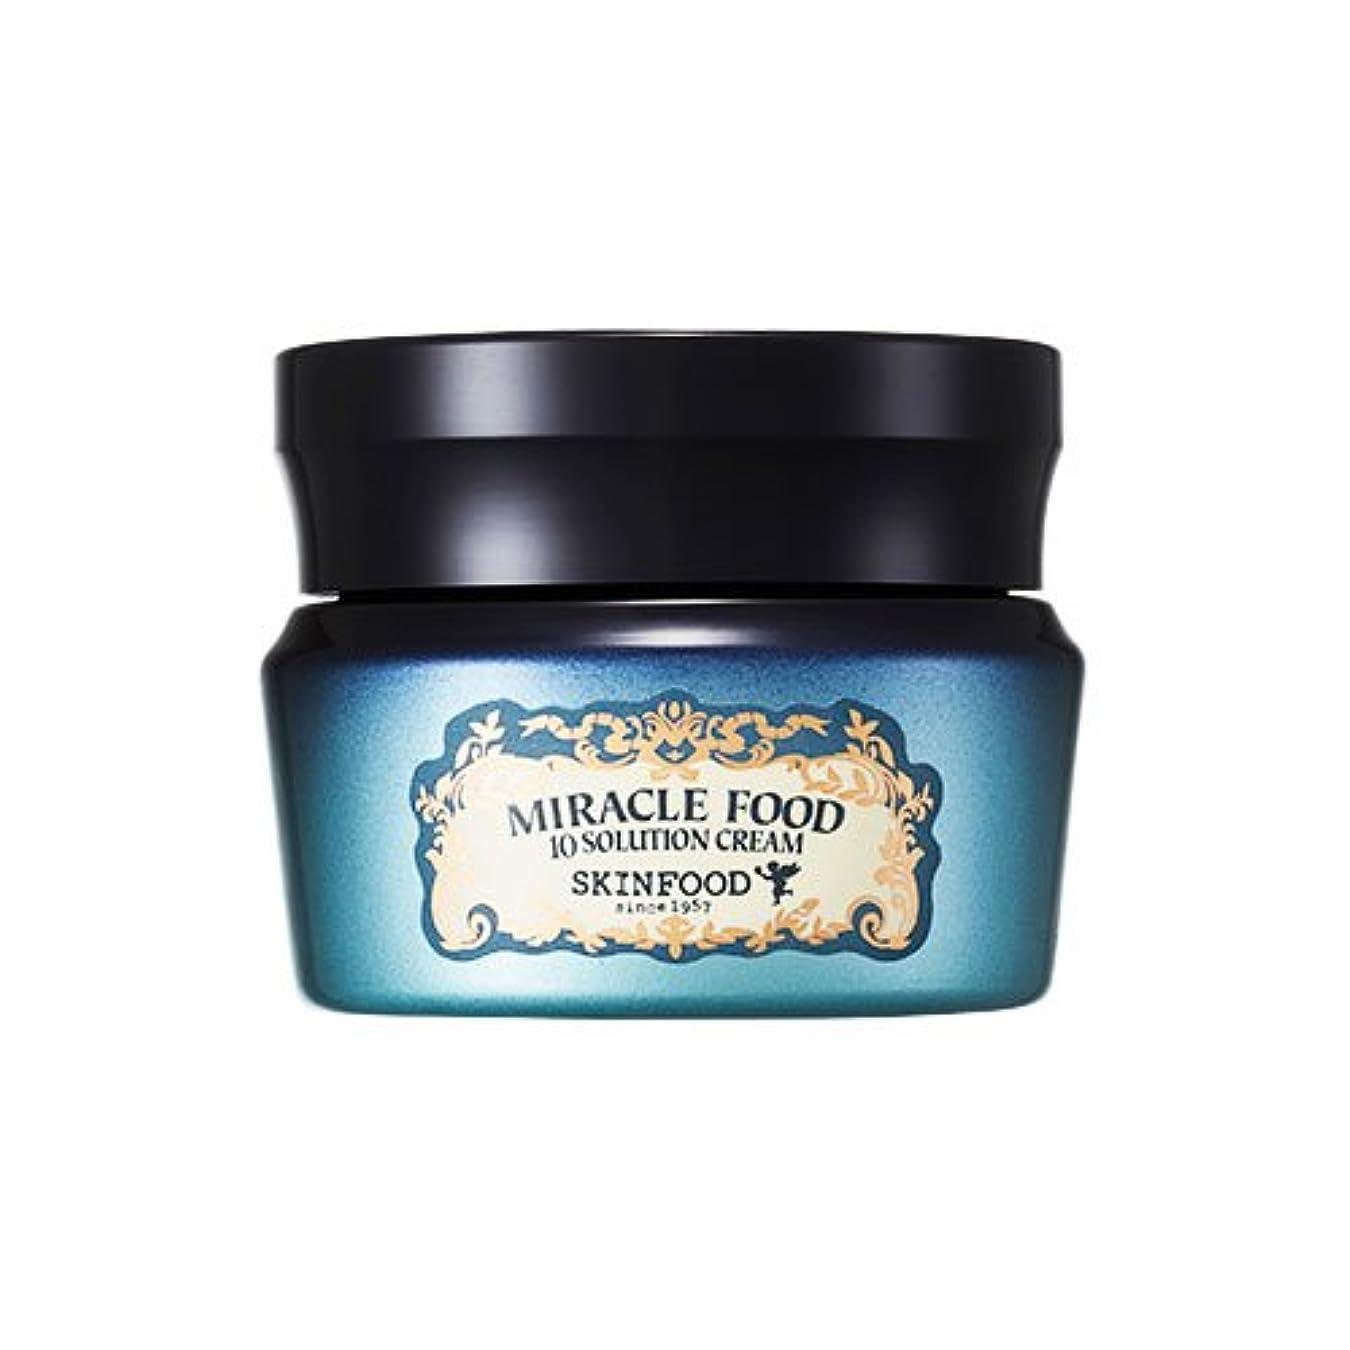 力柔らかさ荒廃するSkinfood ミラクルフード10ソリューションクリーム(美白効果としわ防止効果) / Miracle Food 10 Solution Cream (Skin-Brightening and Anti-Wrinkle...